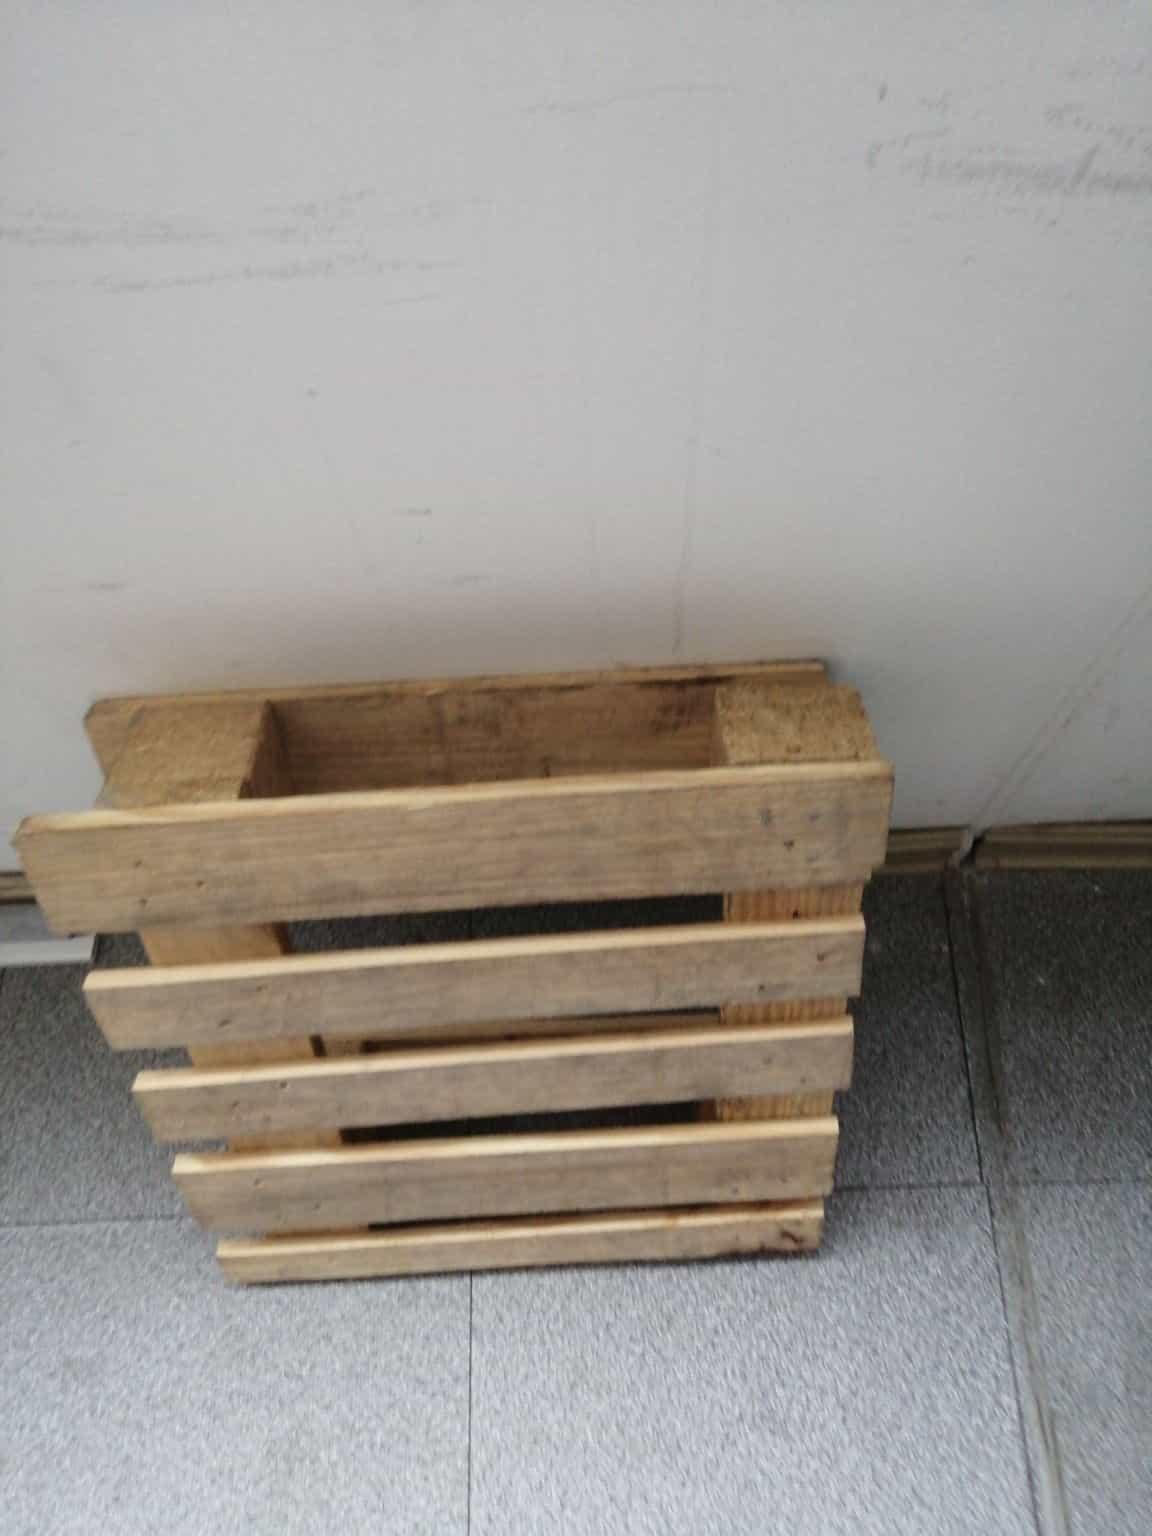 熏蒸木质?,╙ゕ┡♪?装箱-熏蒸木质?,♫╡◤↸?装箱批发、促销价??,◙✓、产地货